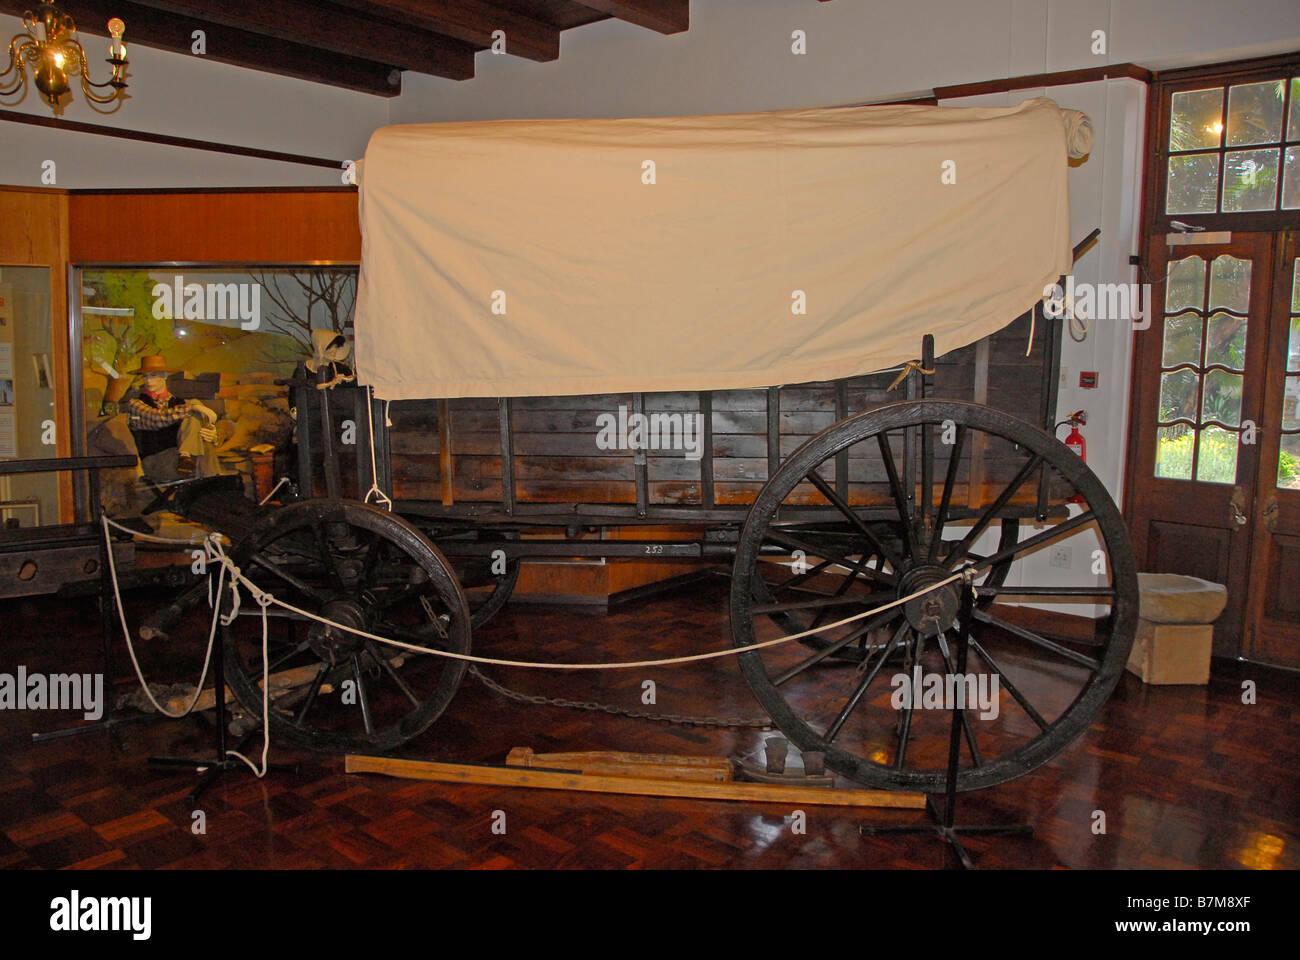 Ox historique wagon utilisé lors du Grand Trek de la Province du Cap en Afrique du Sud à l'intérieur Photo Stock